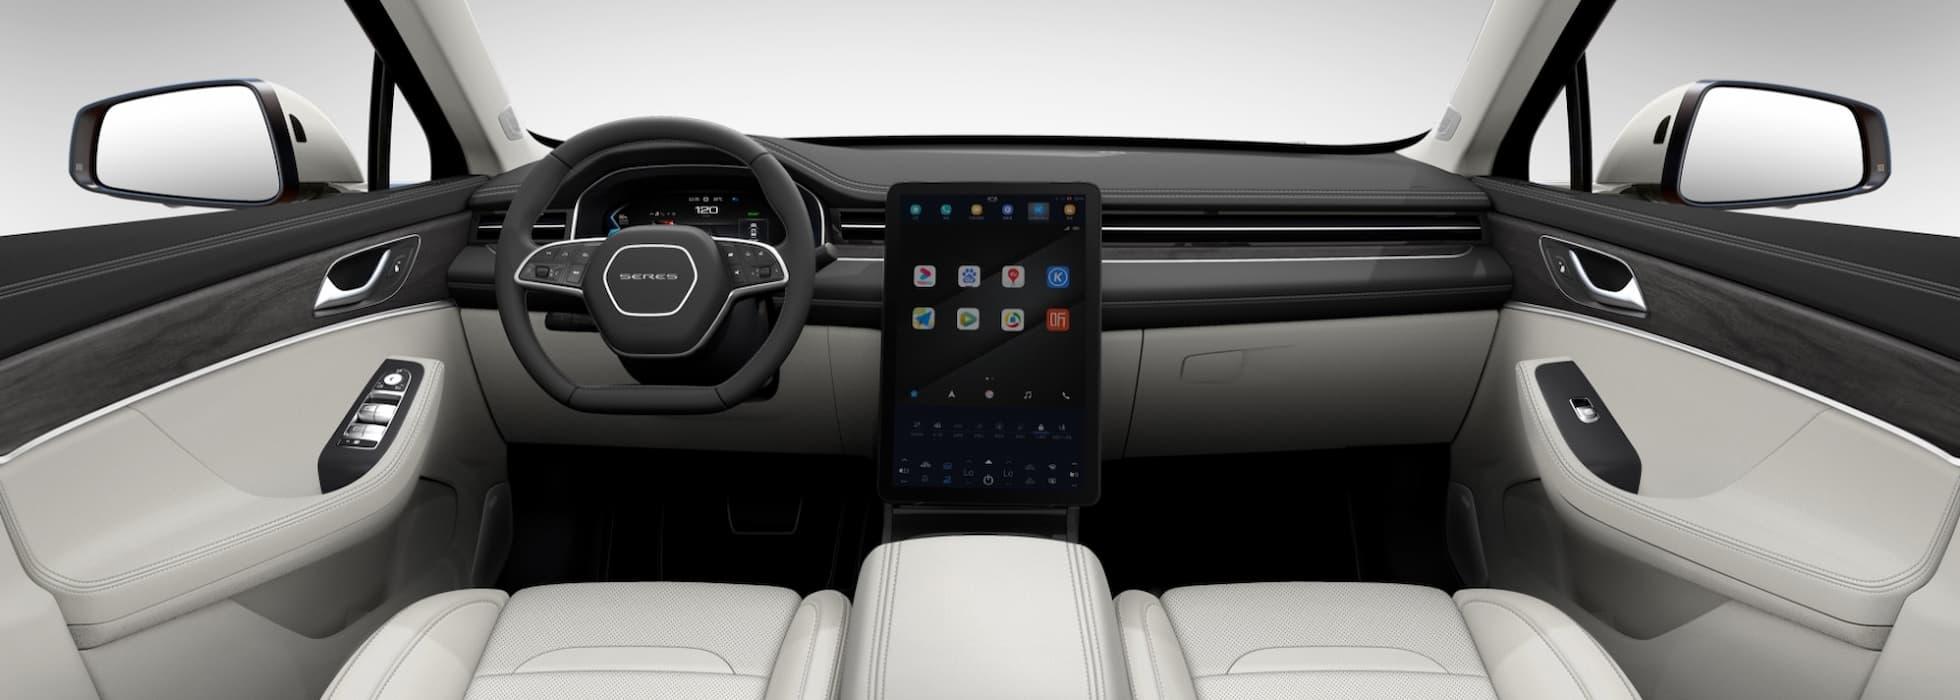 Гібридний автомобіль Cyrus Huawei Smart Selection SF5